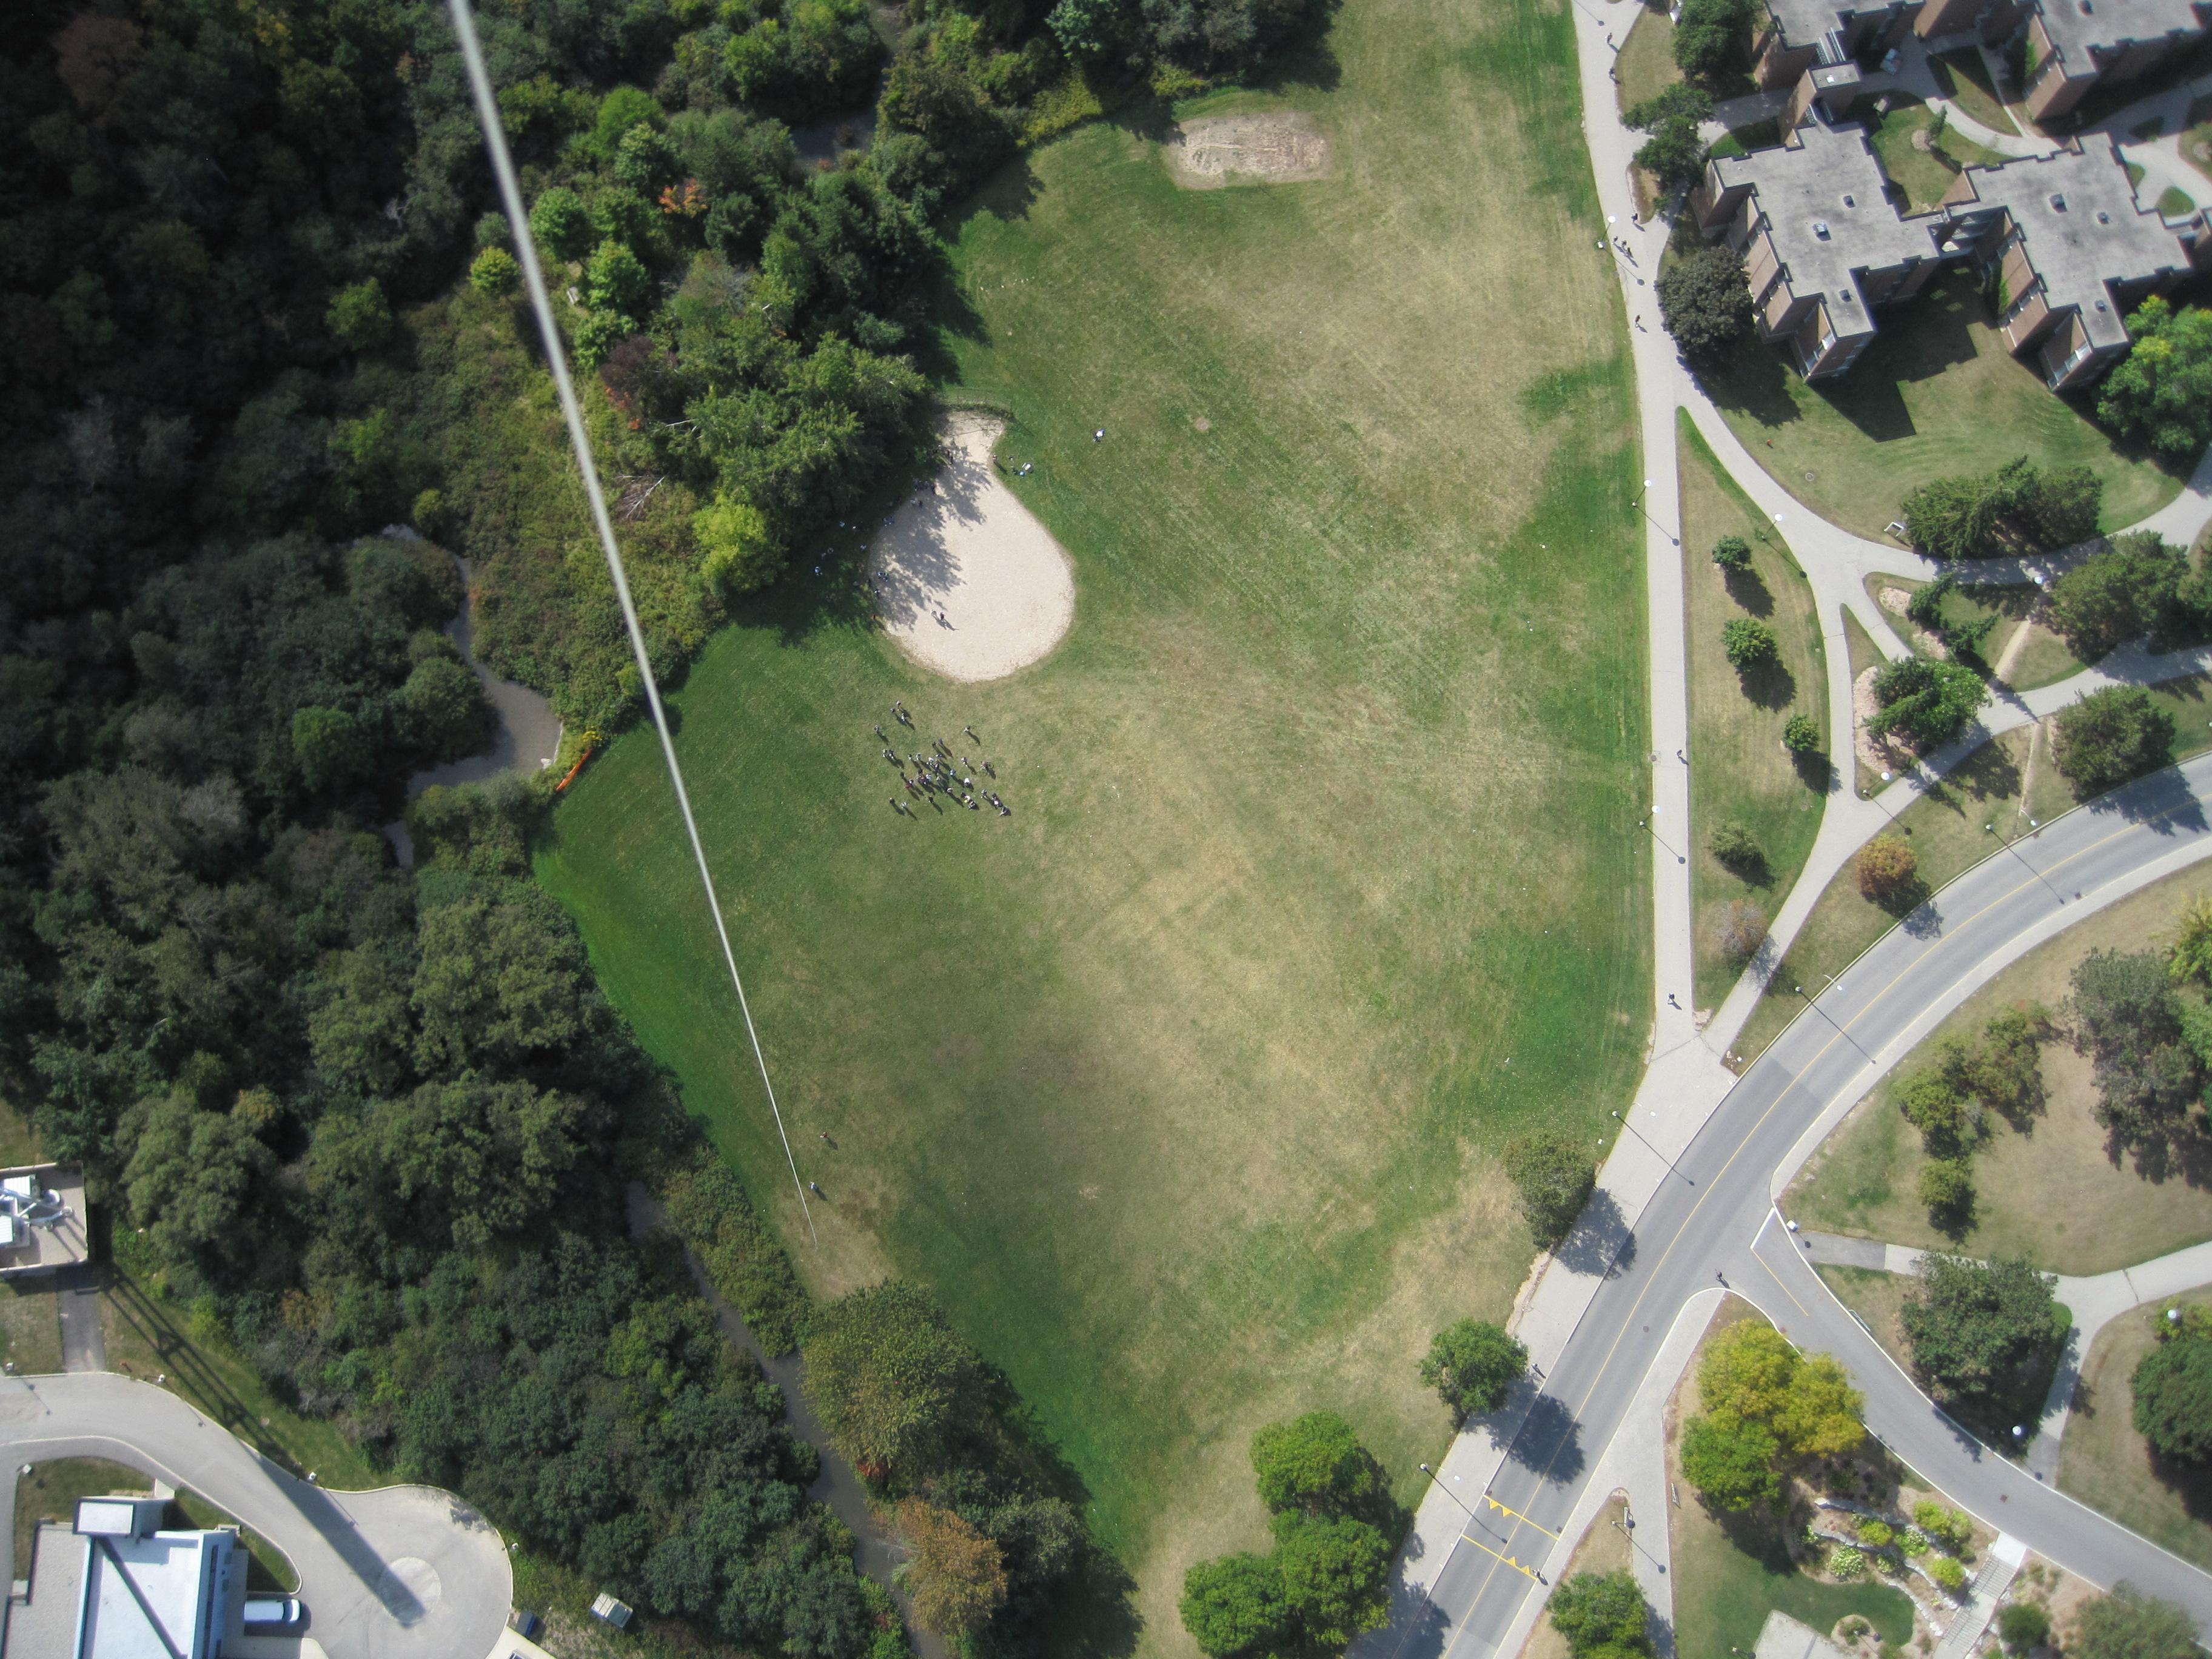 UW Village1 Green Woodlot